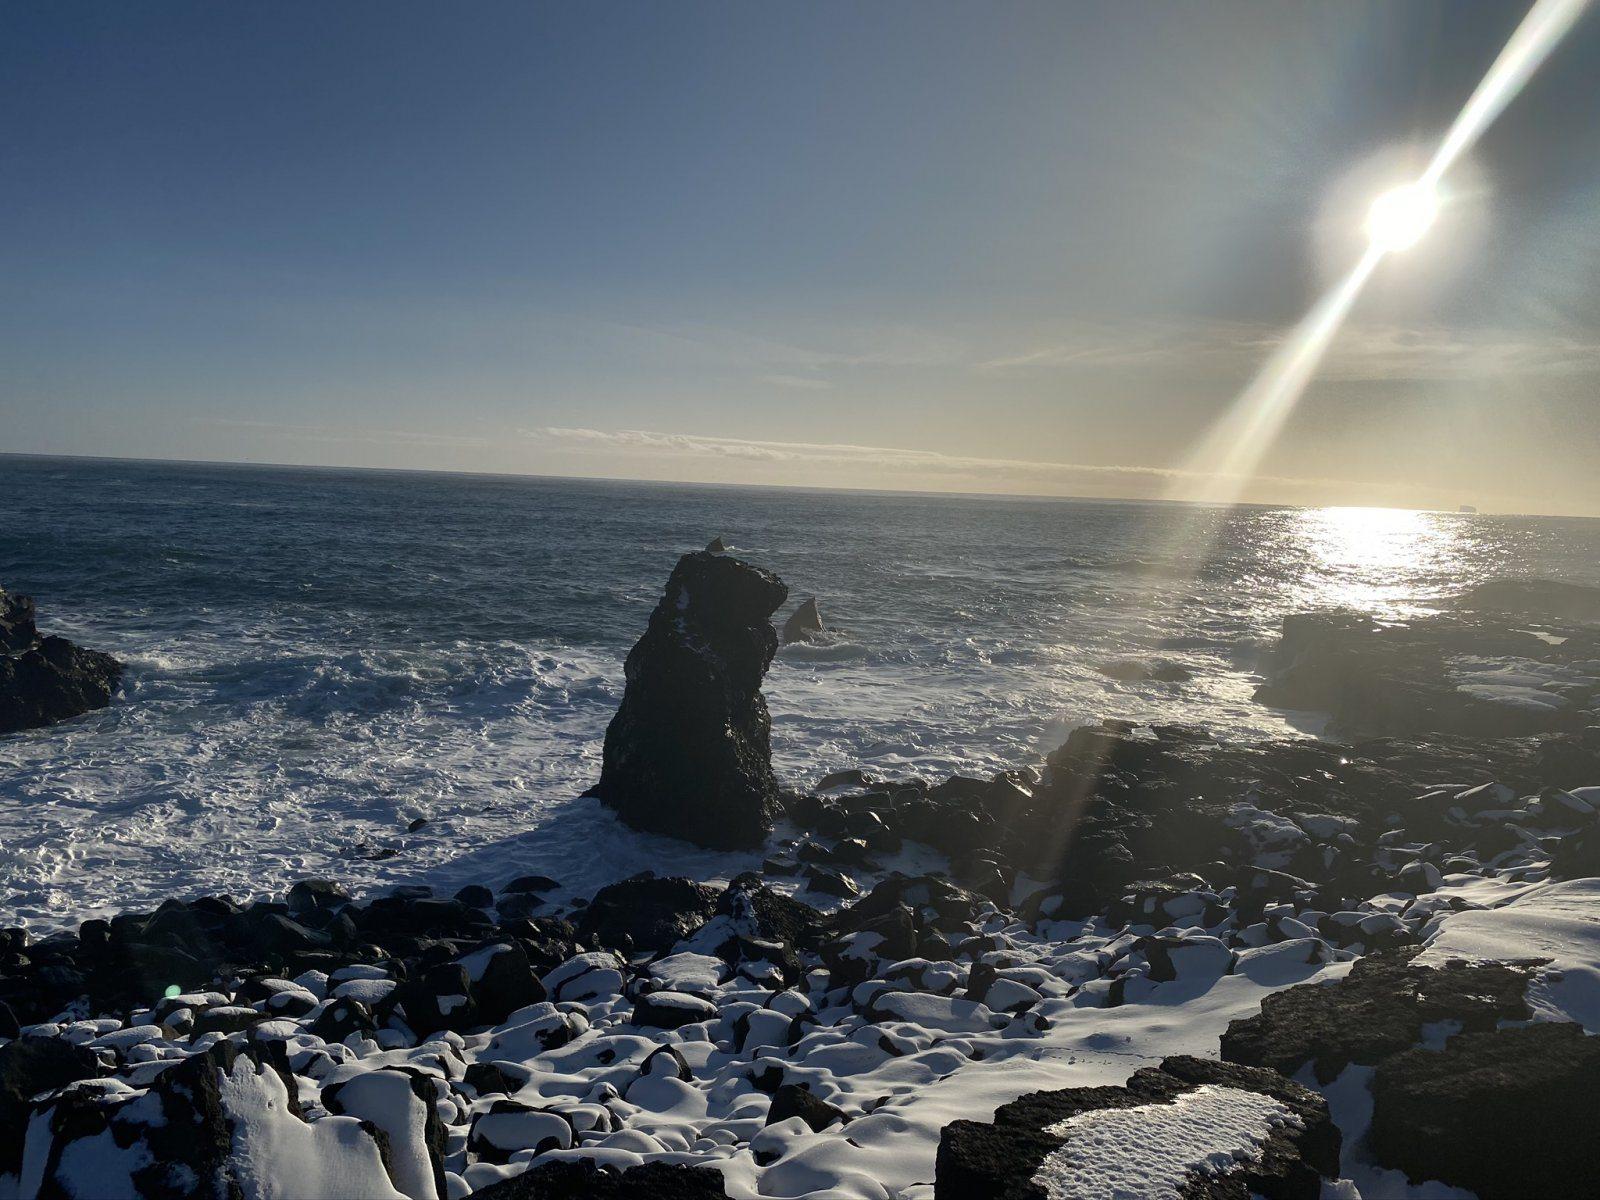 Атлантический океан, полуостров Рейкьянес, фото Стасмир, Photo Stasmir